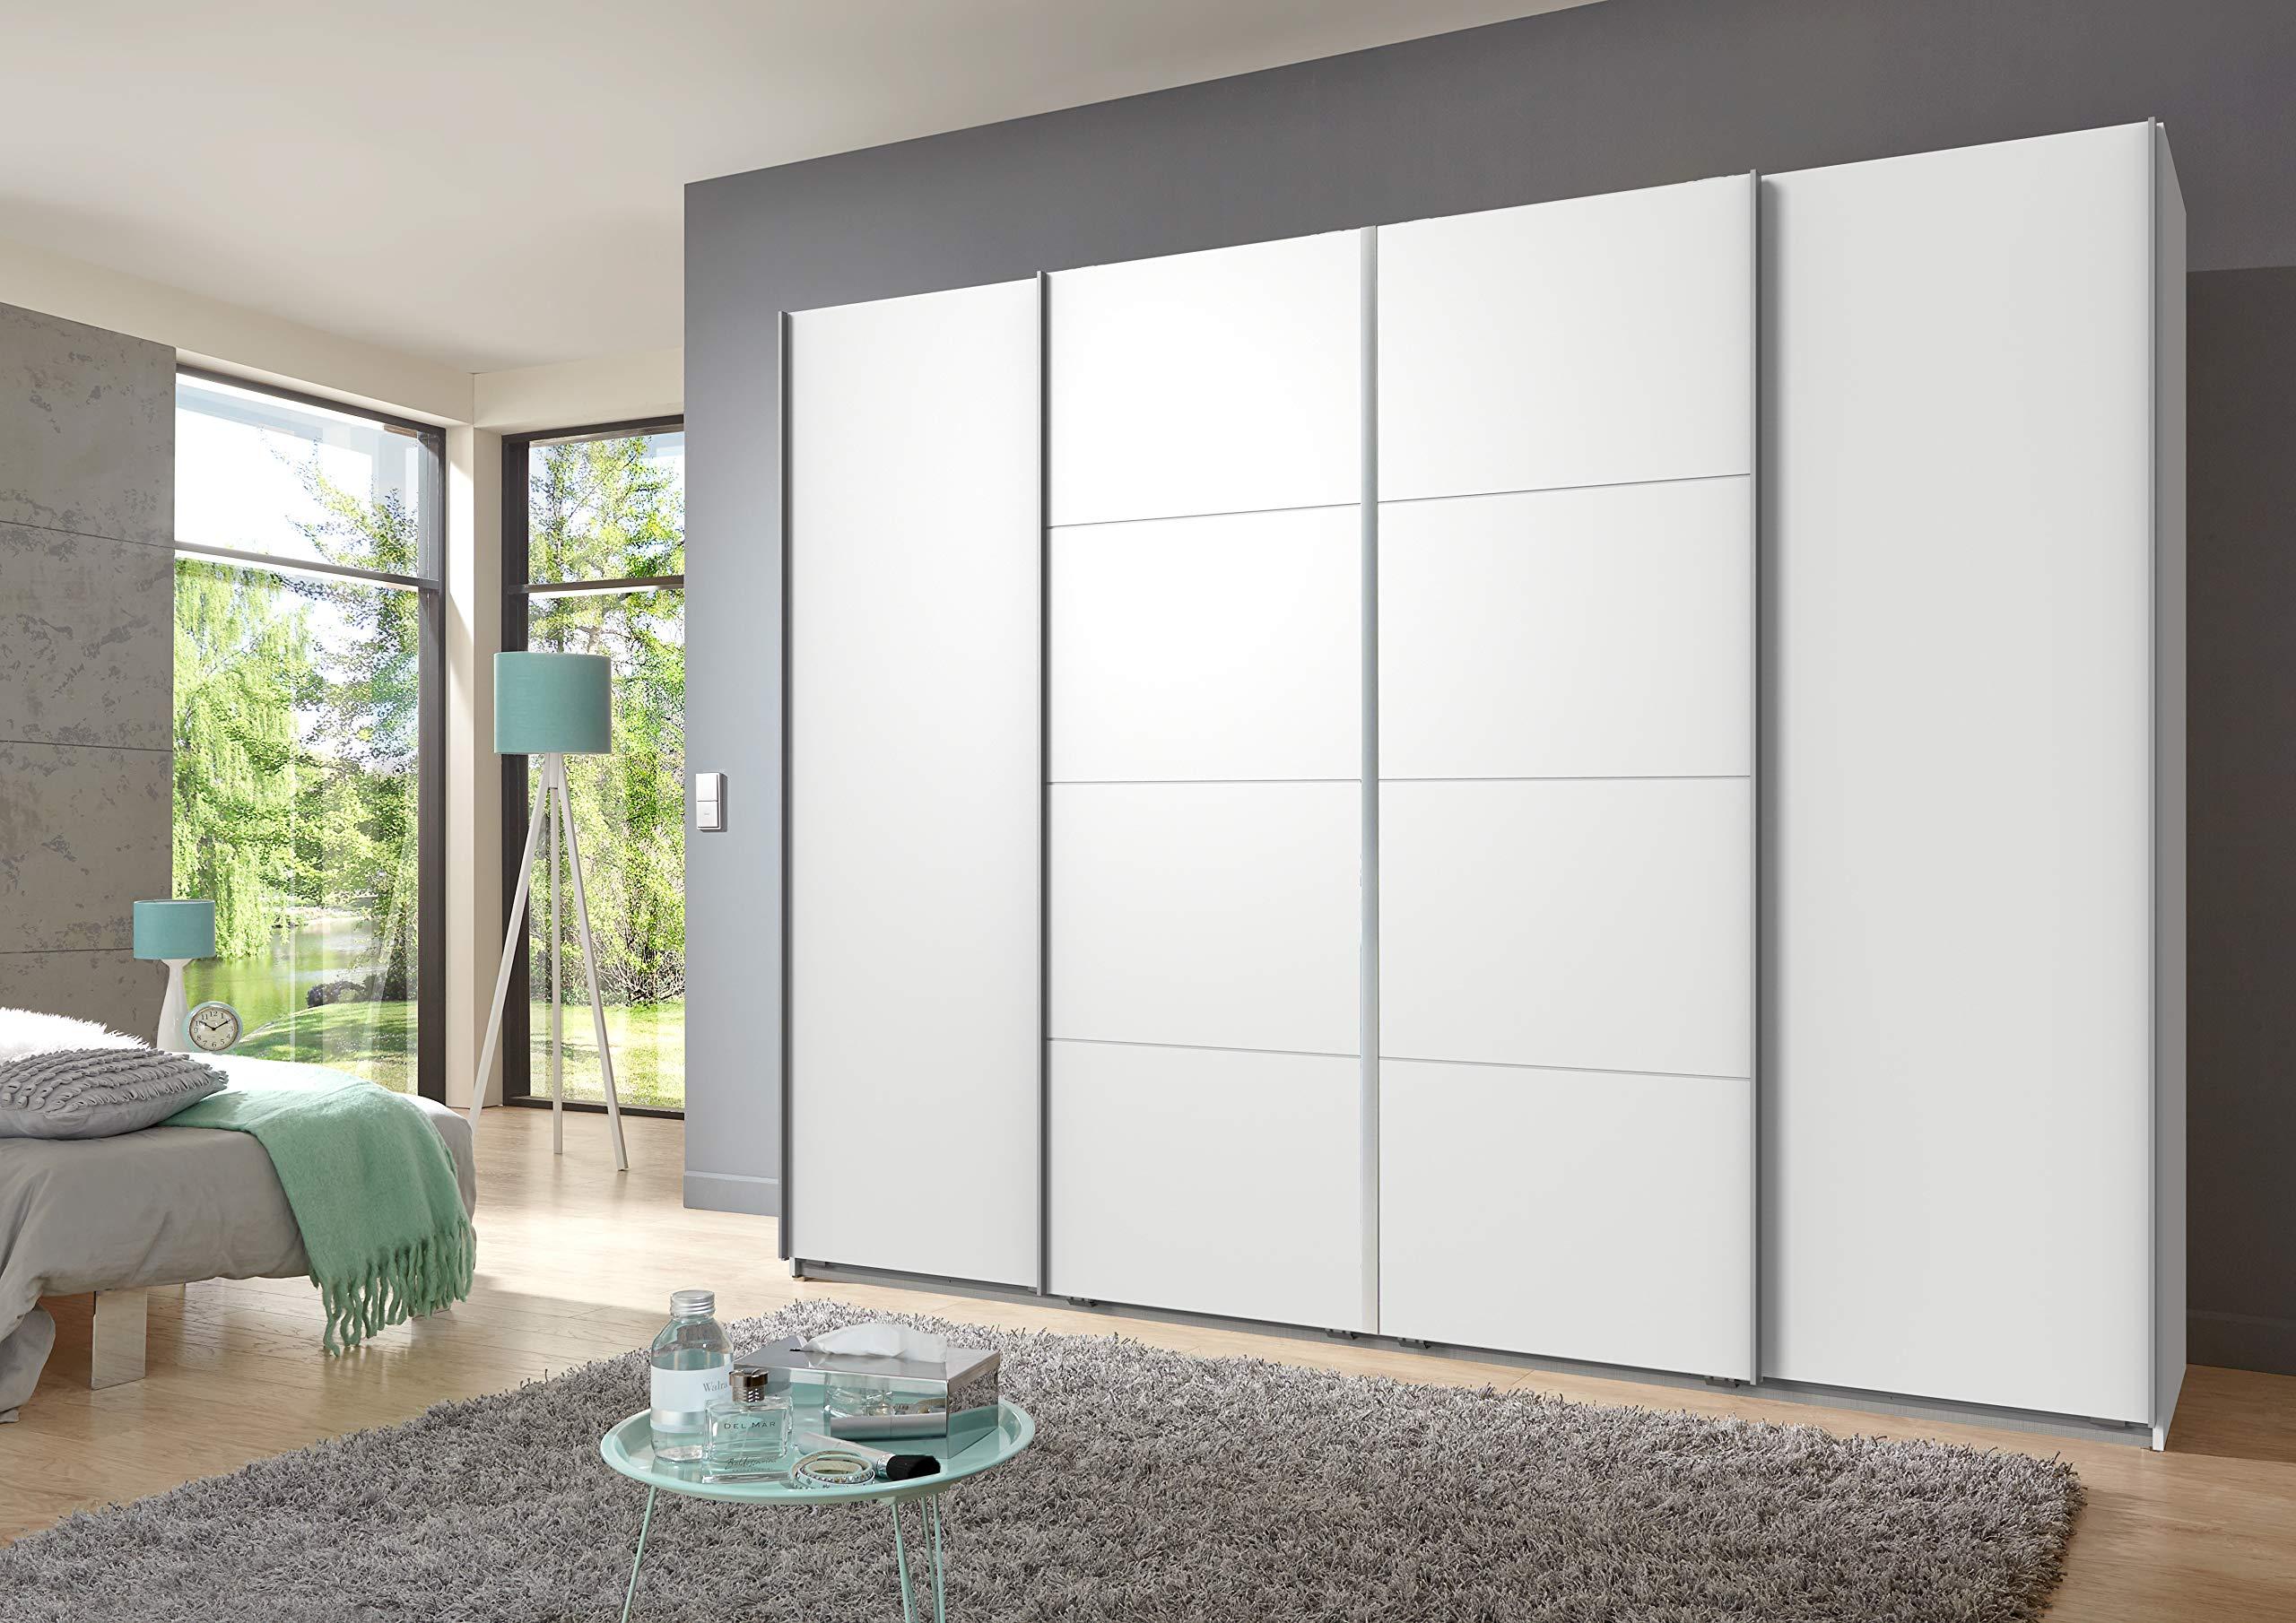 Wimex bruessel Armario de Puertas correderas, Color Blanco, 65 x 270 x 210 cm: Amazon.es: Hogar